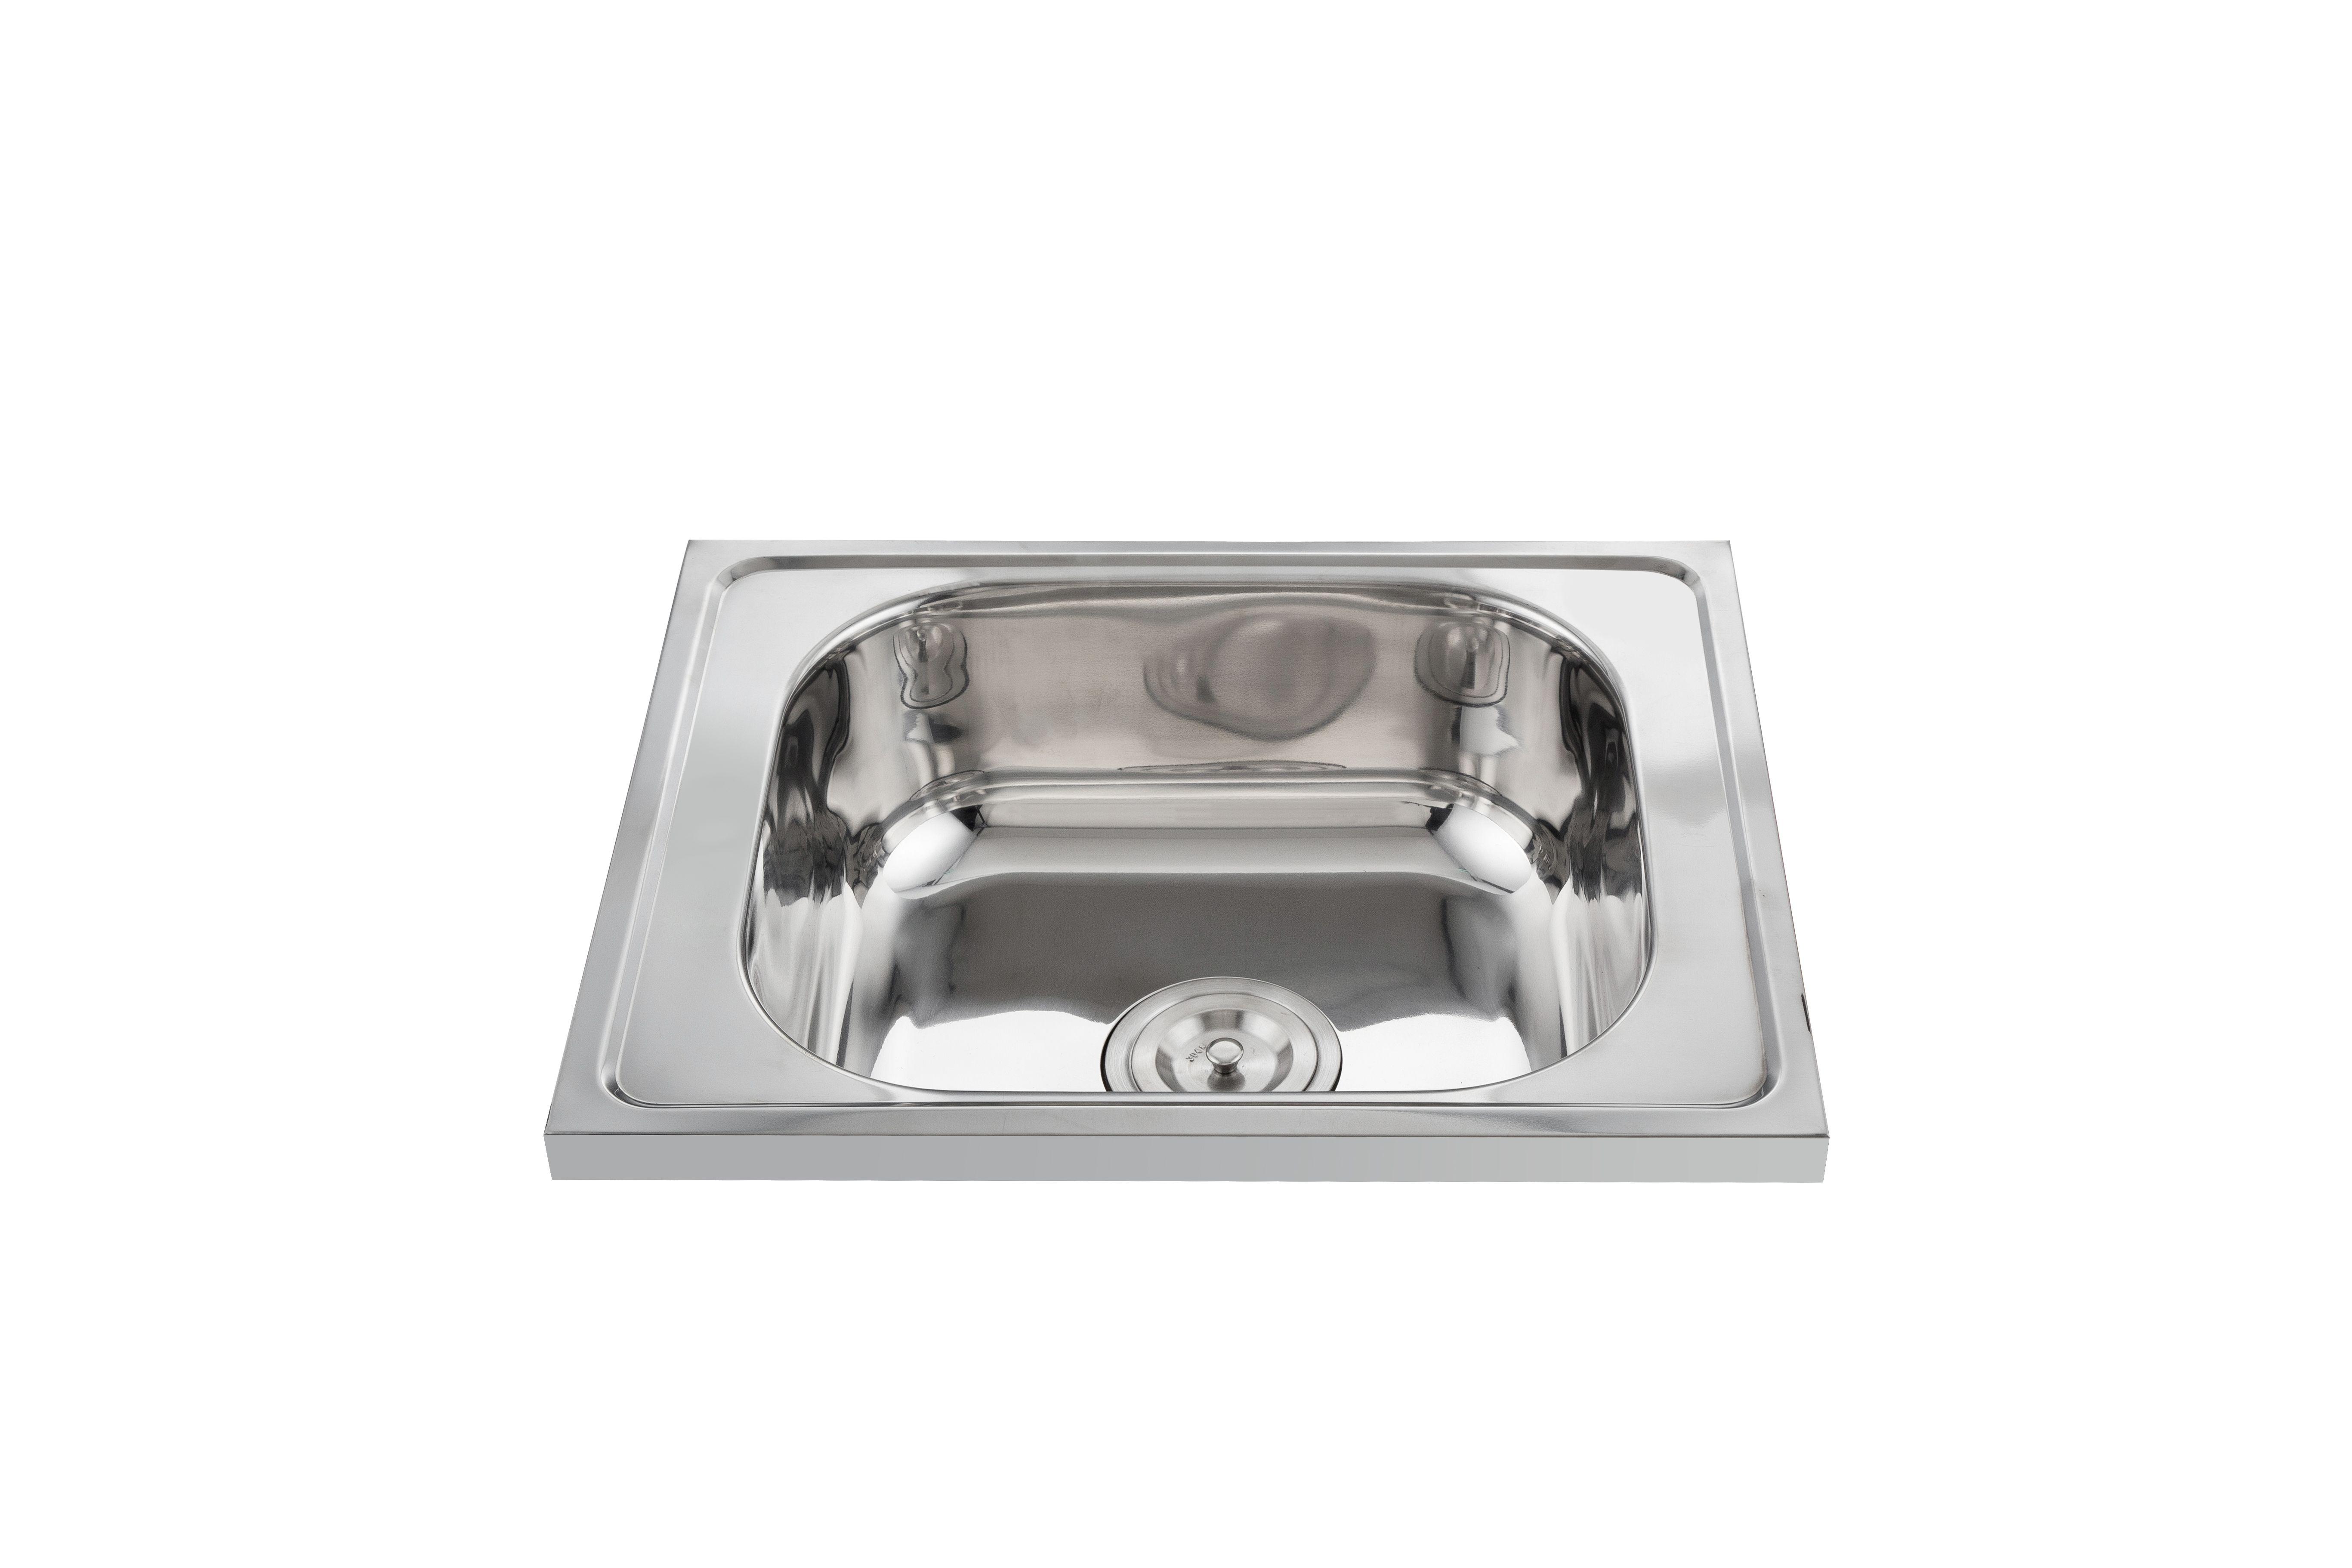 Sink Factory Sink Manufacturer Stainless Steel Sink Kitchen Sink